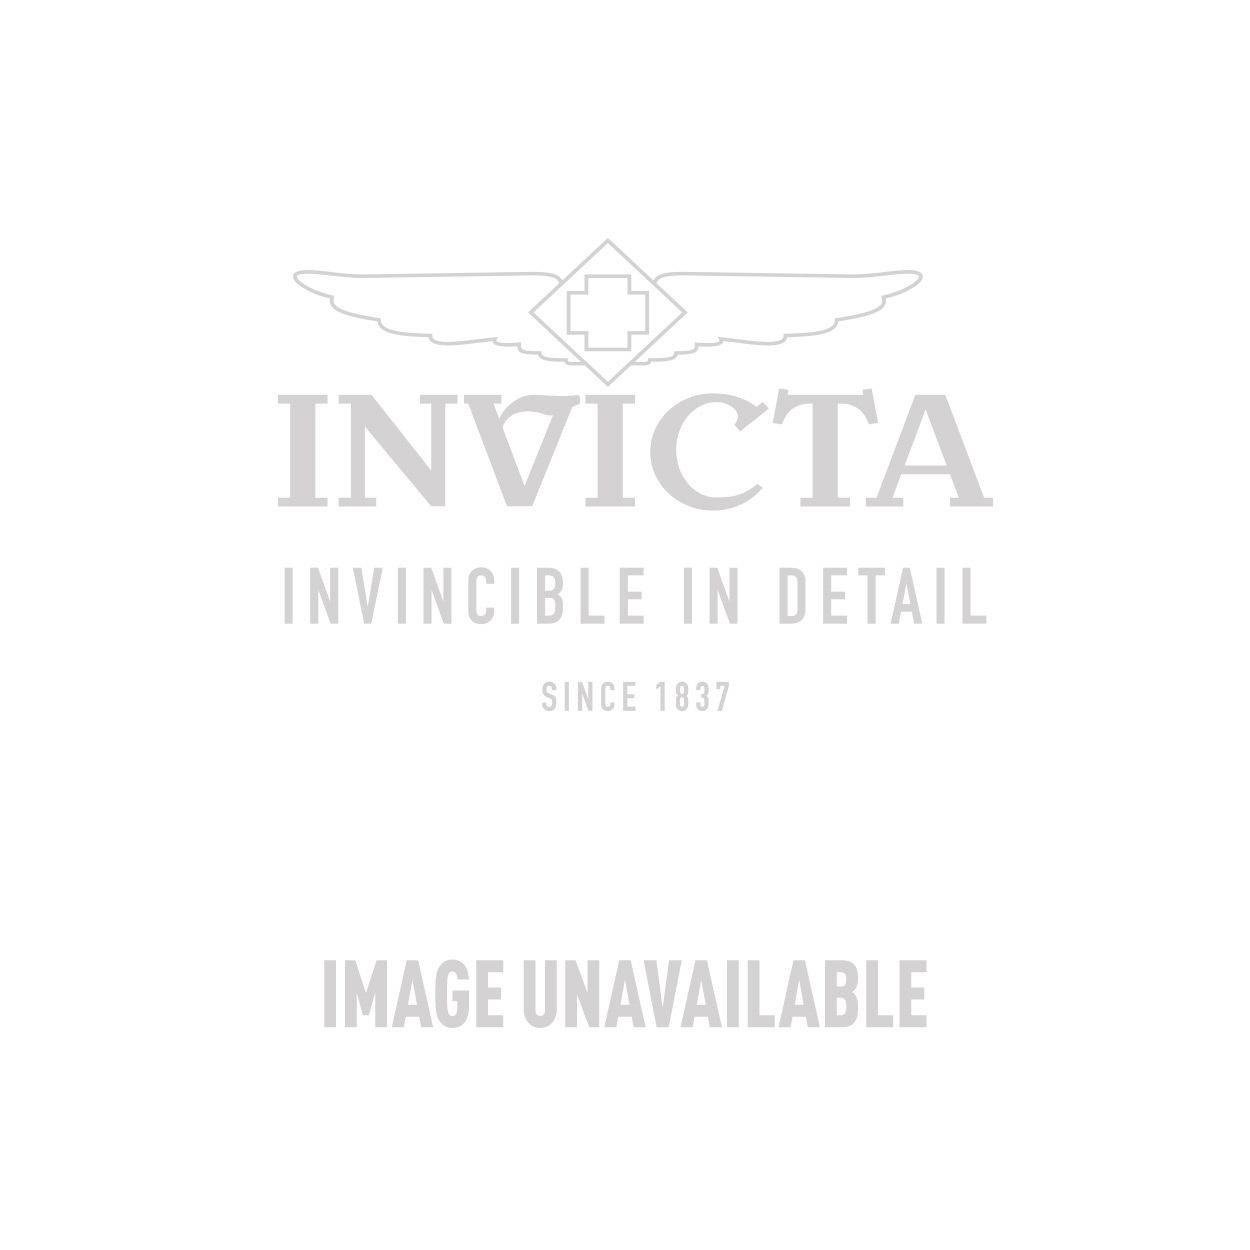 Invicta Model 25243